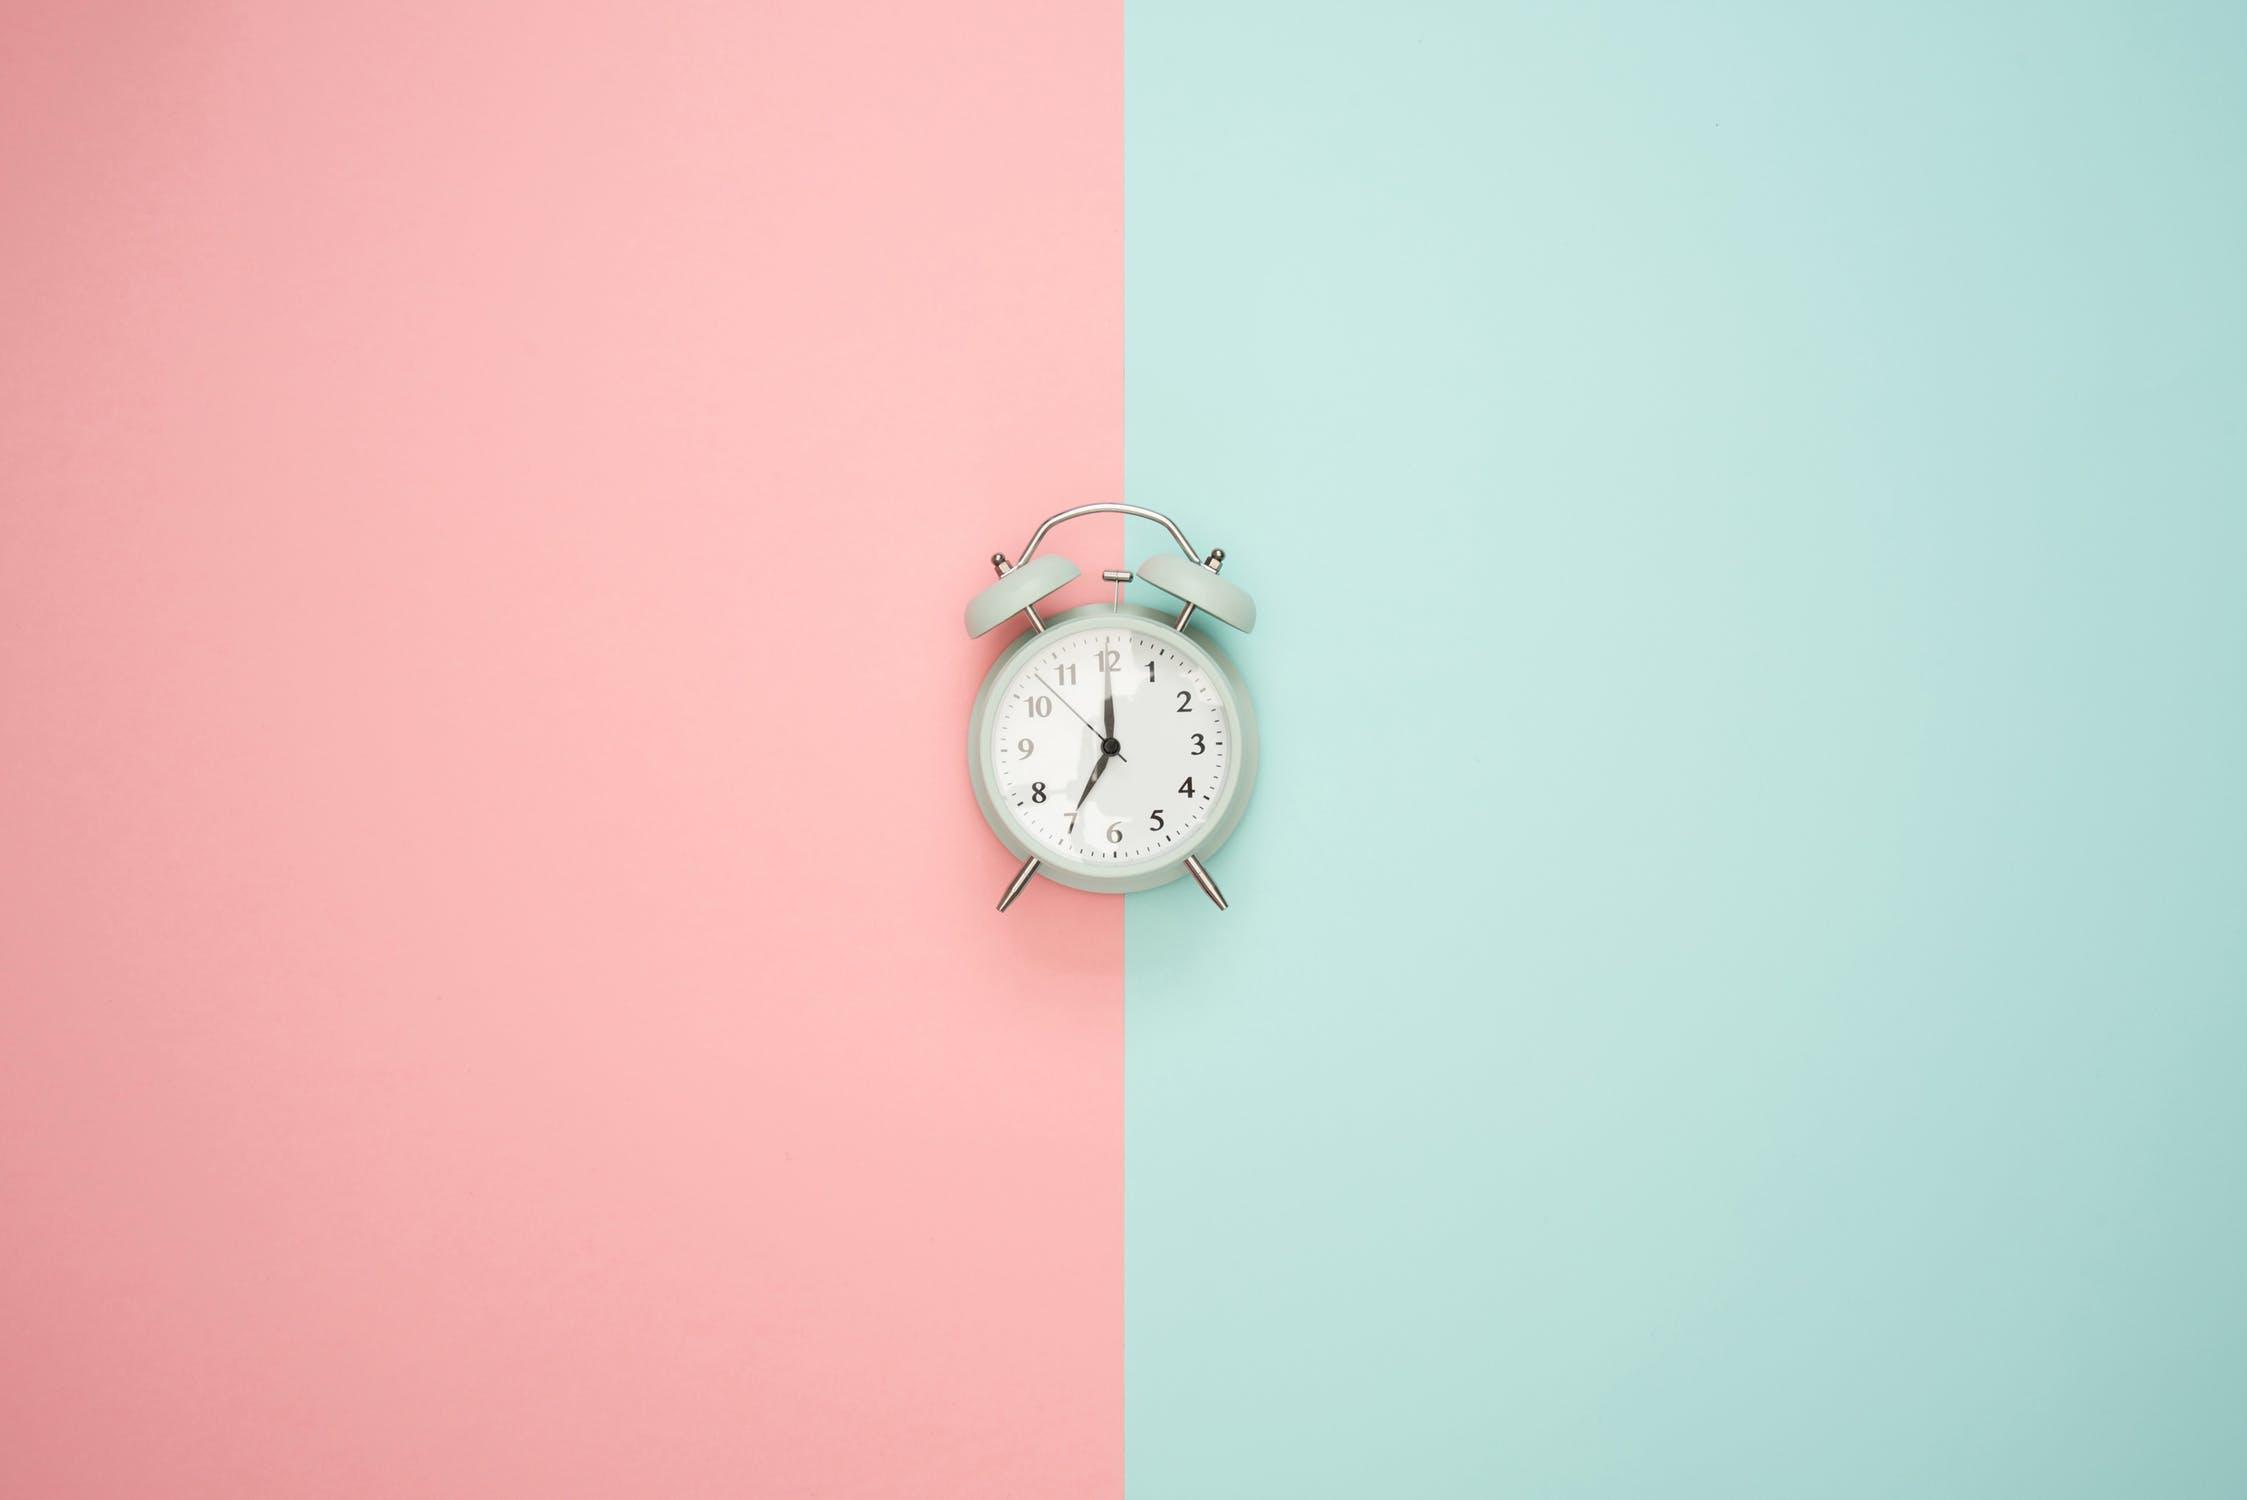 時間の管理が上手な人は仕事で必ず結果を残す!1日24時間を有効に使うには?